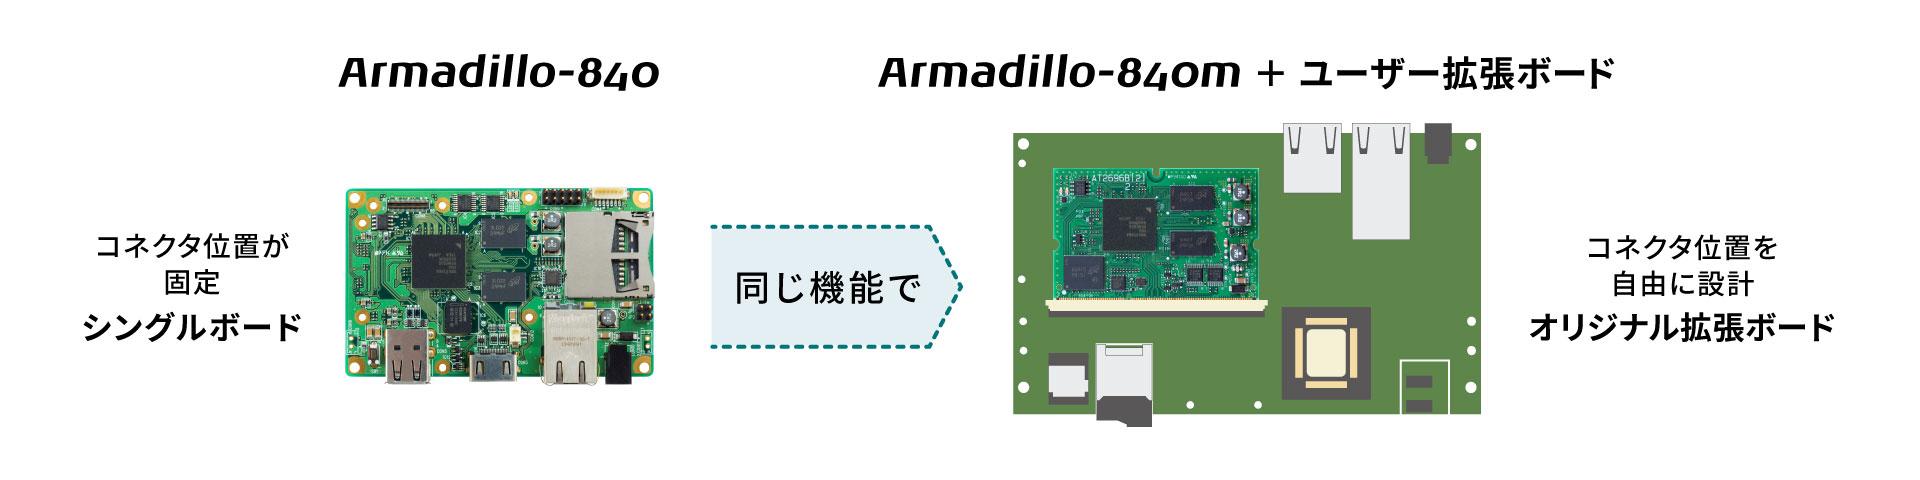 Armadillo-840mイメージ図